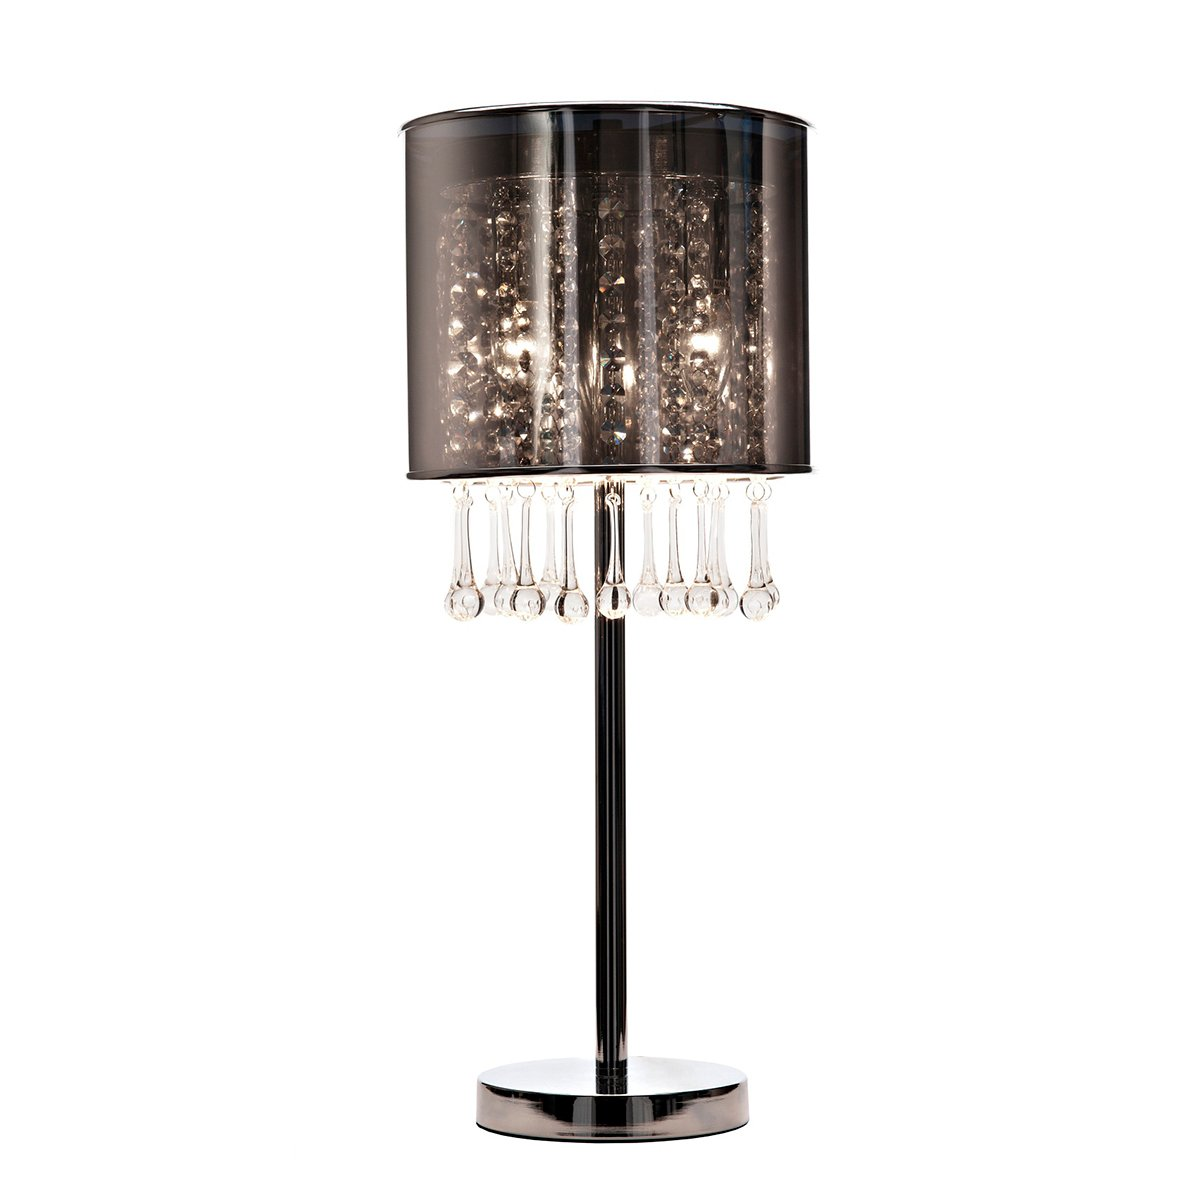 Напольный светильник AmberТоршеры и напольные светильники<br>Оригинальный напольный светильник Amber <br>наполнит ваш дом мягким светом и положительными <br>эмоциями. Полупрозрачный серебристый плафон <br>из ПВХ, декорированный хрустальными подвесками, <br>отлично сочетается с прямой и строгой стойкой <br>из хромированного металла. Светильник станет <br>украшением классического и современного <br>интерьера.<br><br>Цвет: Чёрный, Серебро<br>Материал: Пластик, Металл, Хрусталь<br>Вес кг: 2,6<br>Длина см: 24<br>Ширина см: 24<br>Высота см: 77